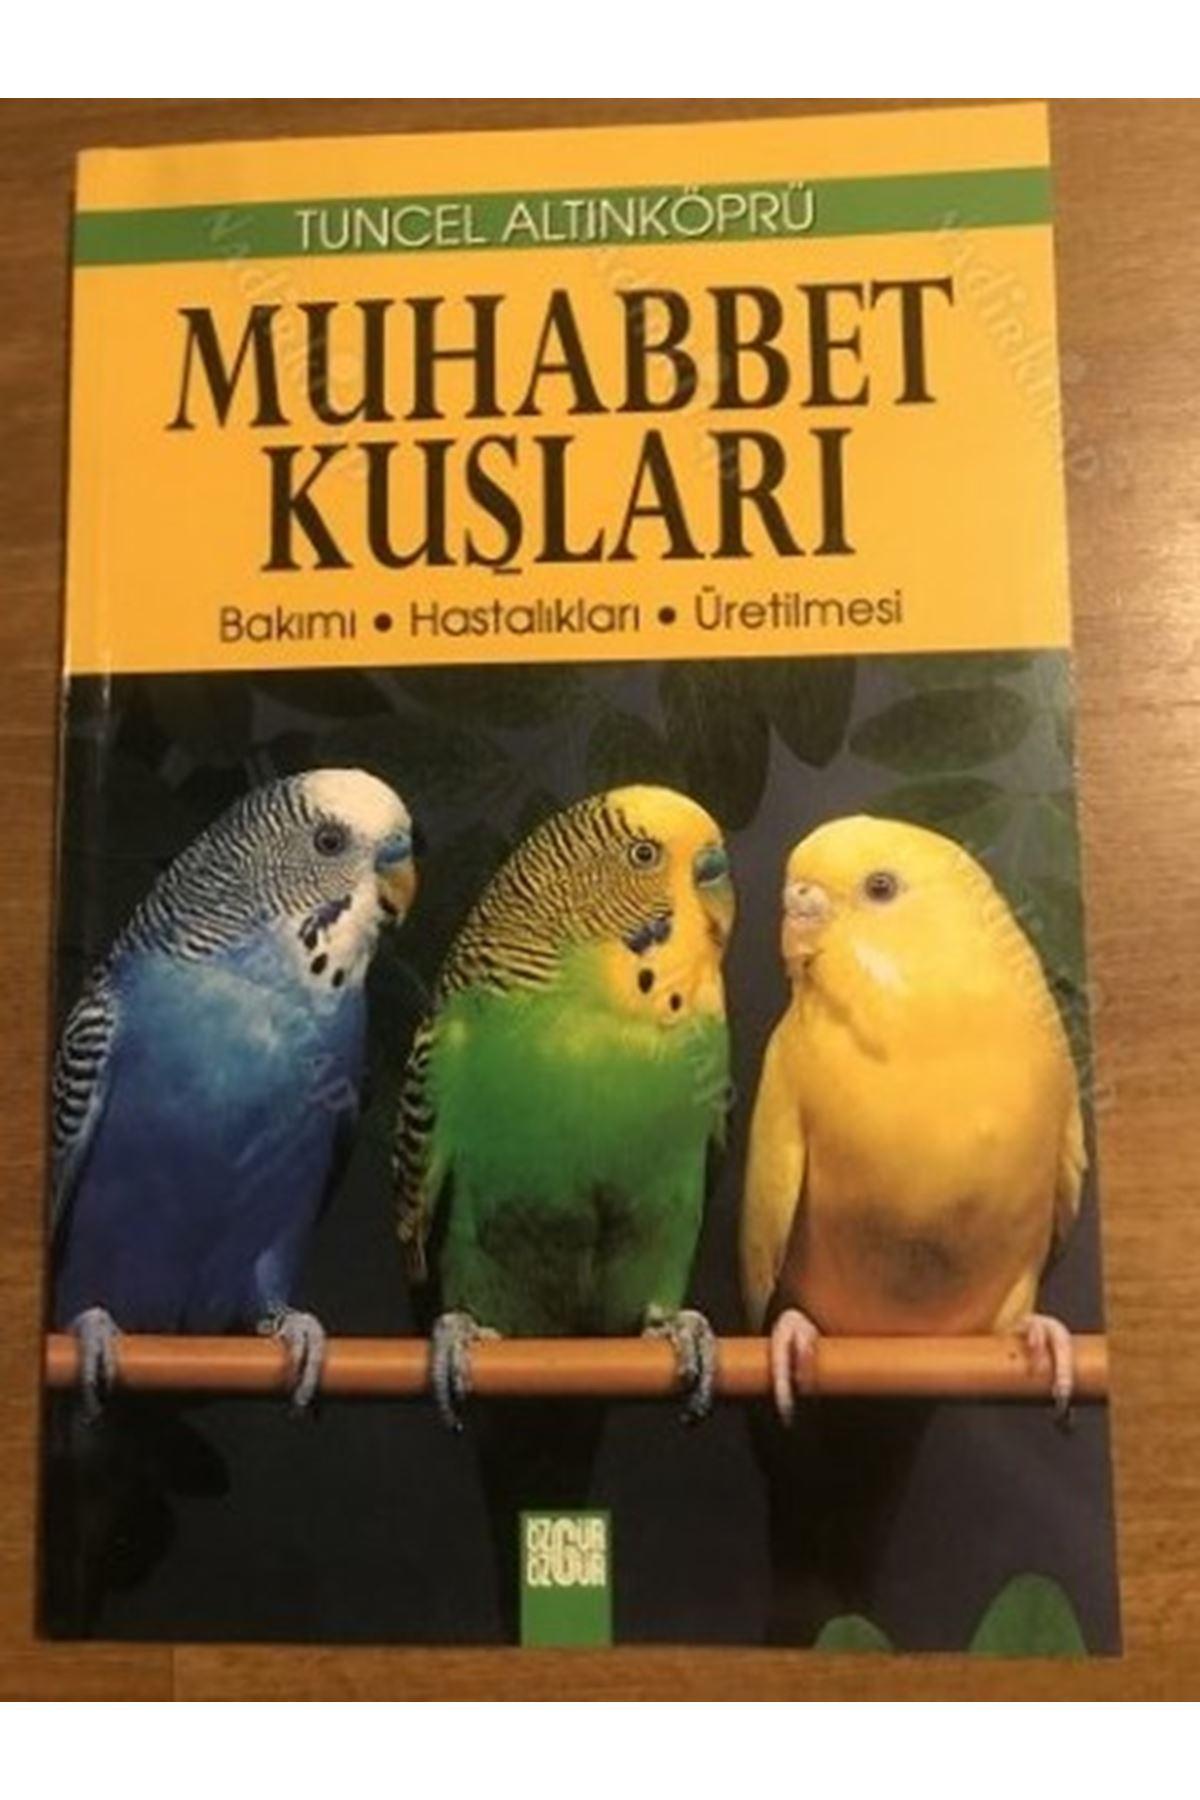 TUNCEL ALTINKÖPRÜ - MUHABBET KUŞLARI